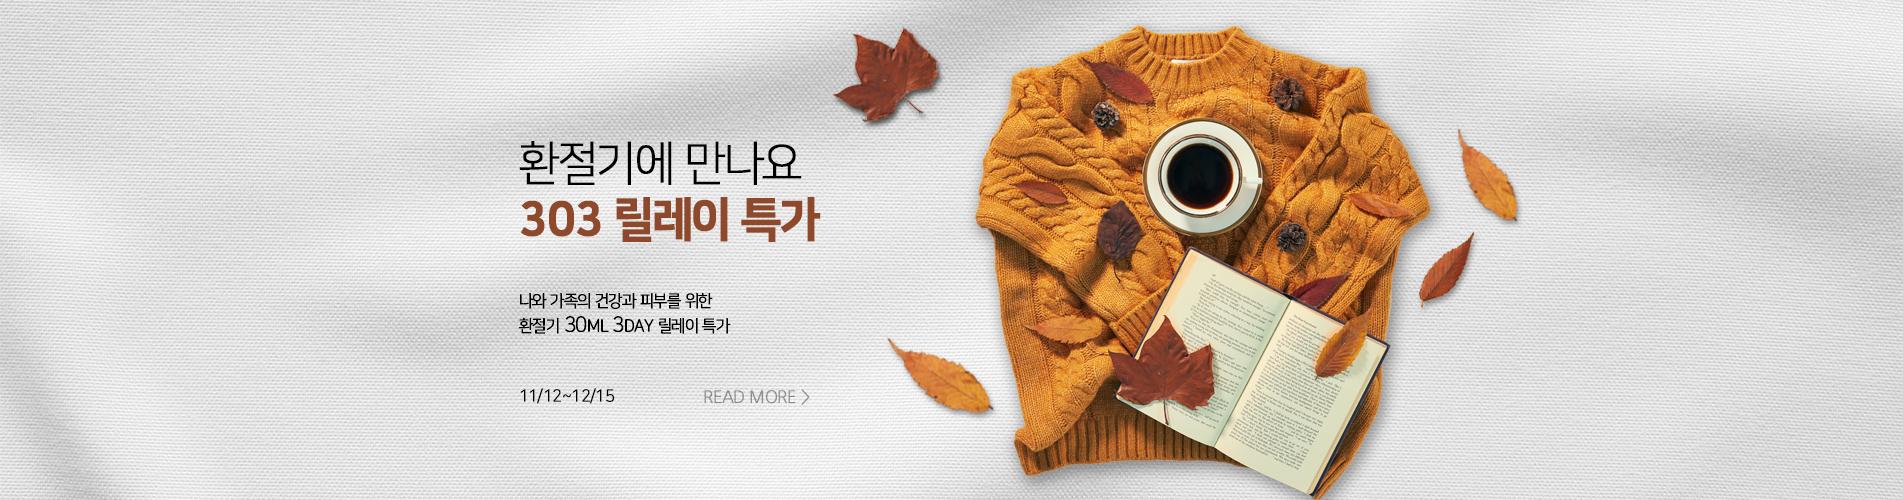 메인배너2-환절기에만나요 303 릴레이특가 이벤트(11/12~12/15)